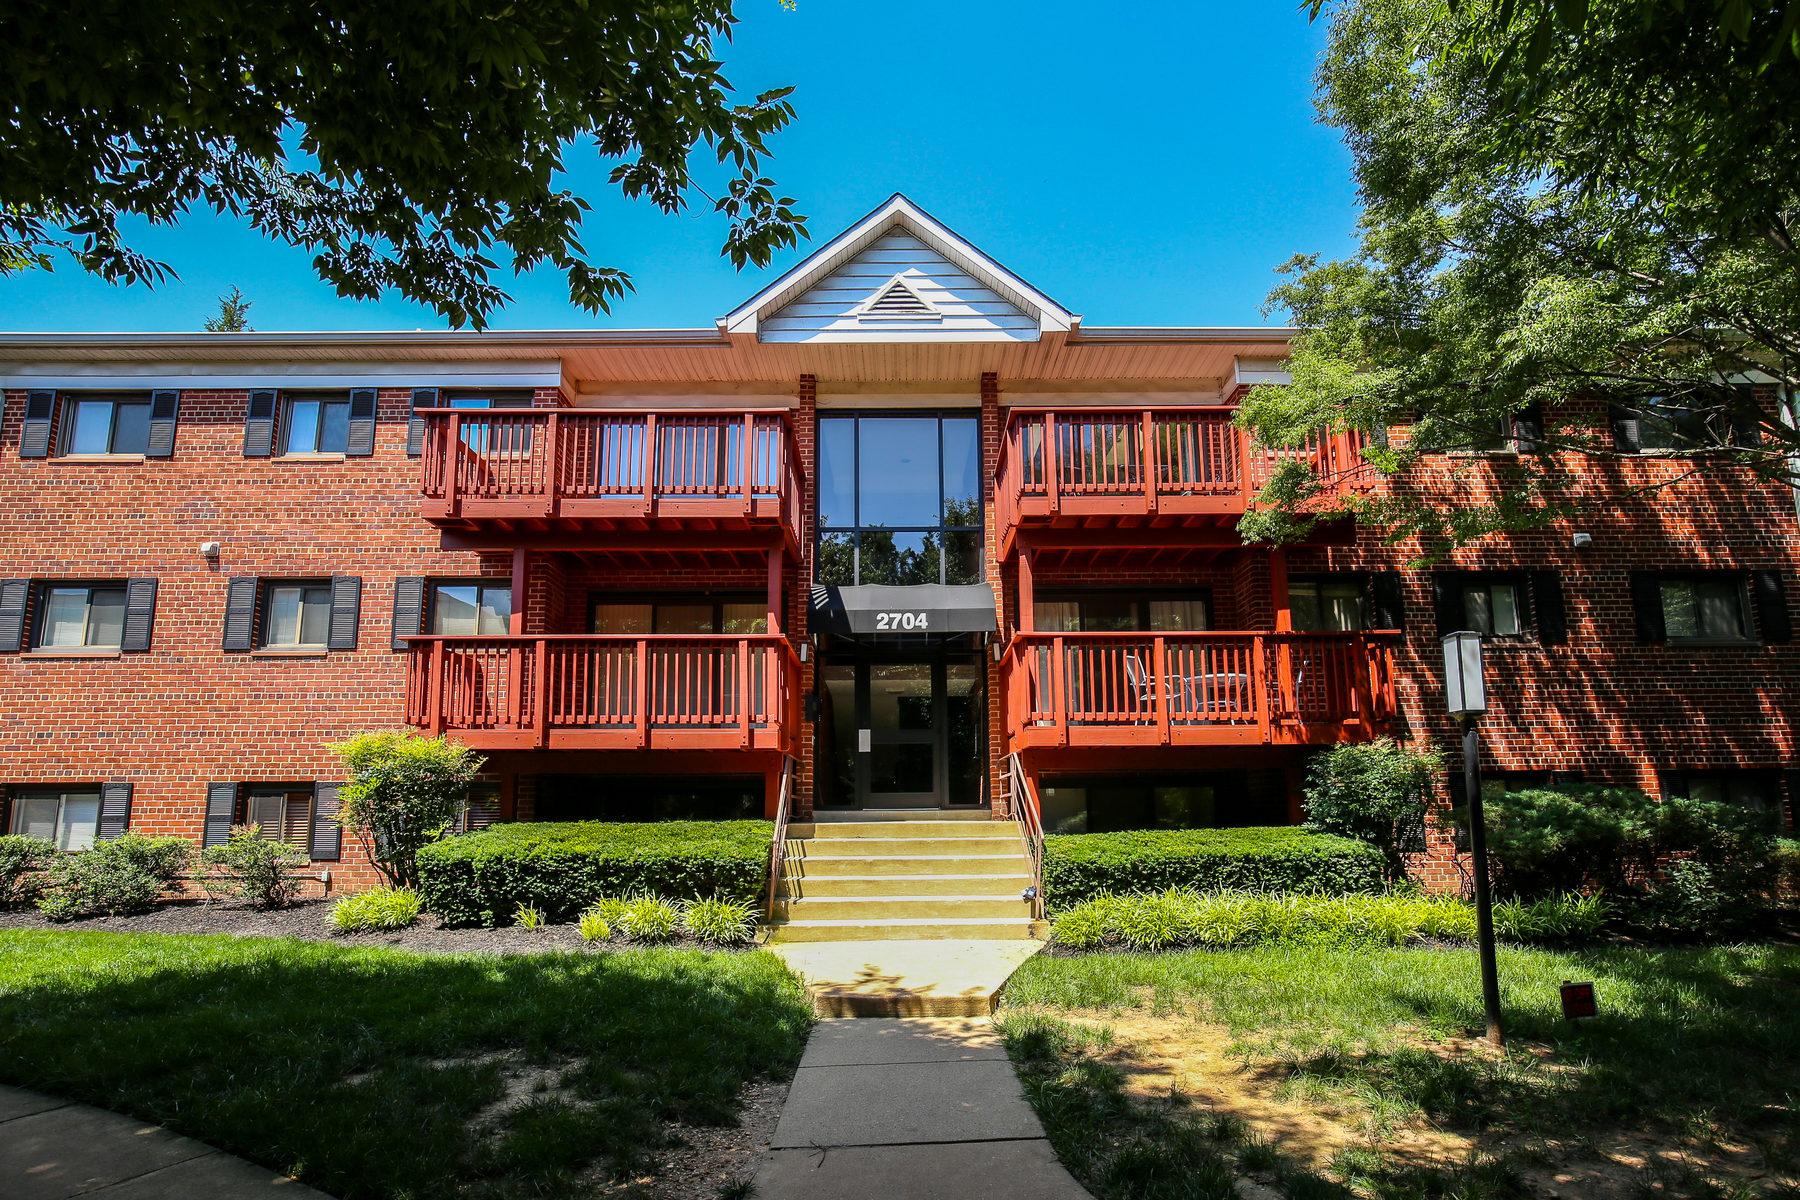 Condominium for Sale at 2704 Dartmouth Road 9, Alexandria 2704 Dartmouth Rd 9 Alexandria, Virginia 22314 United States